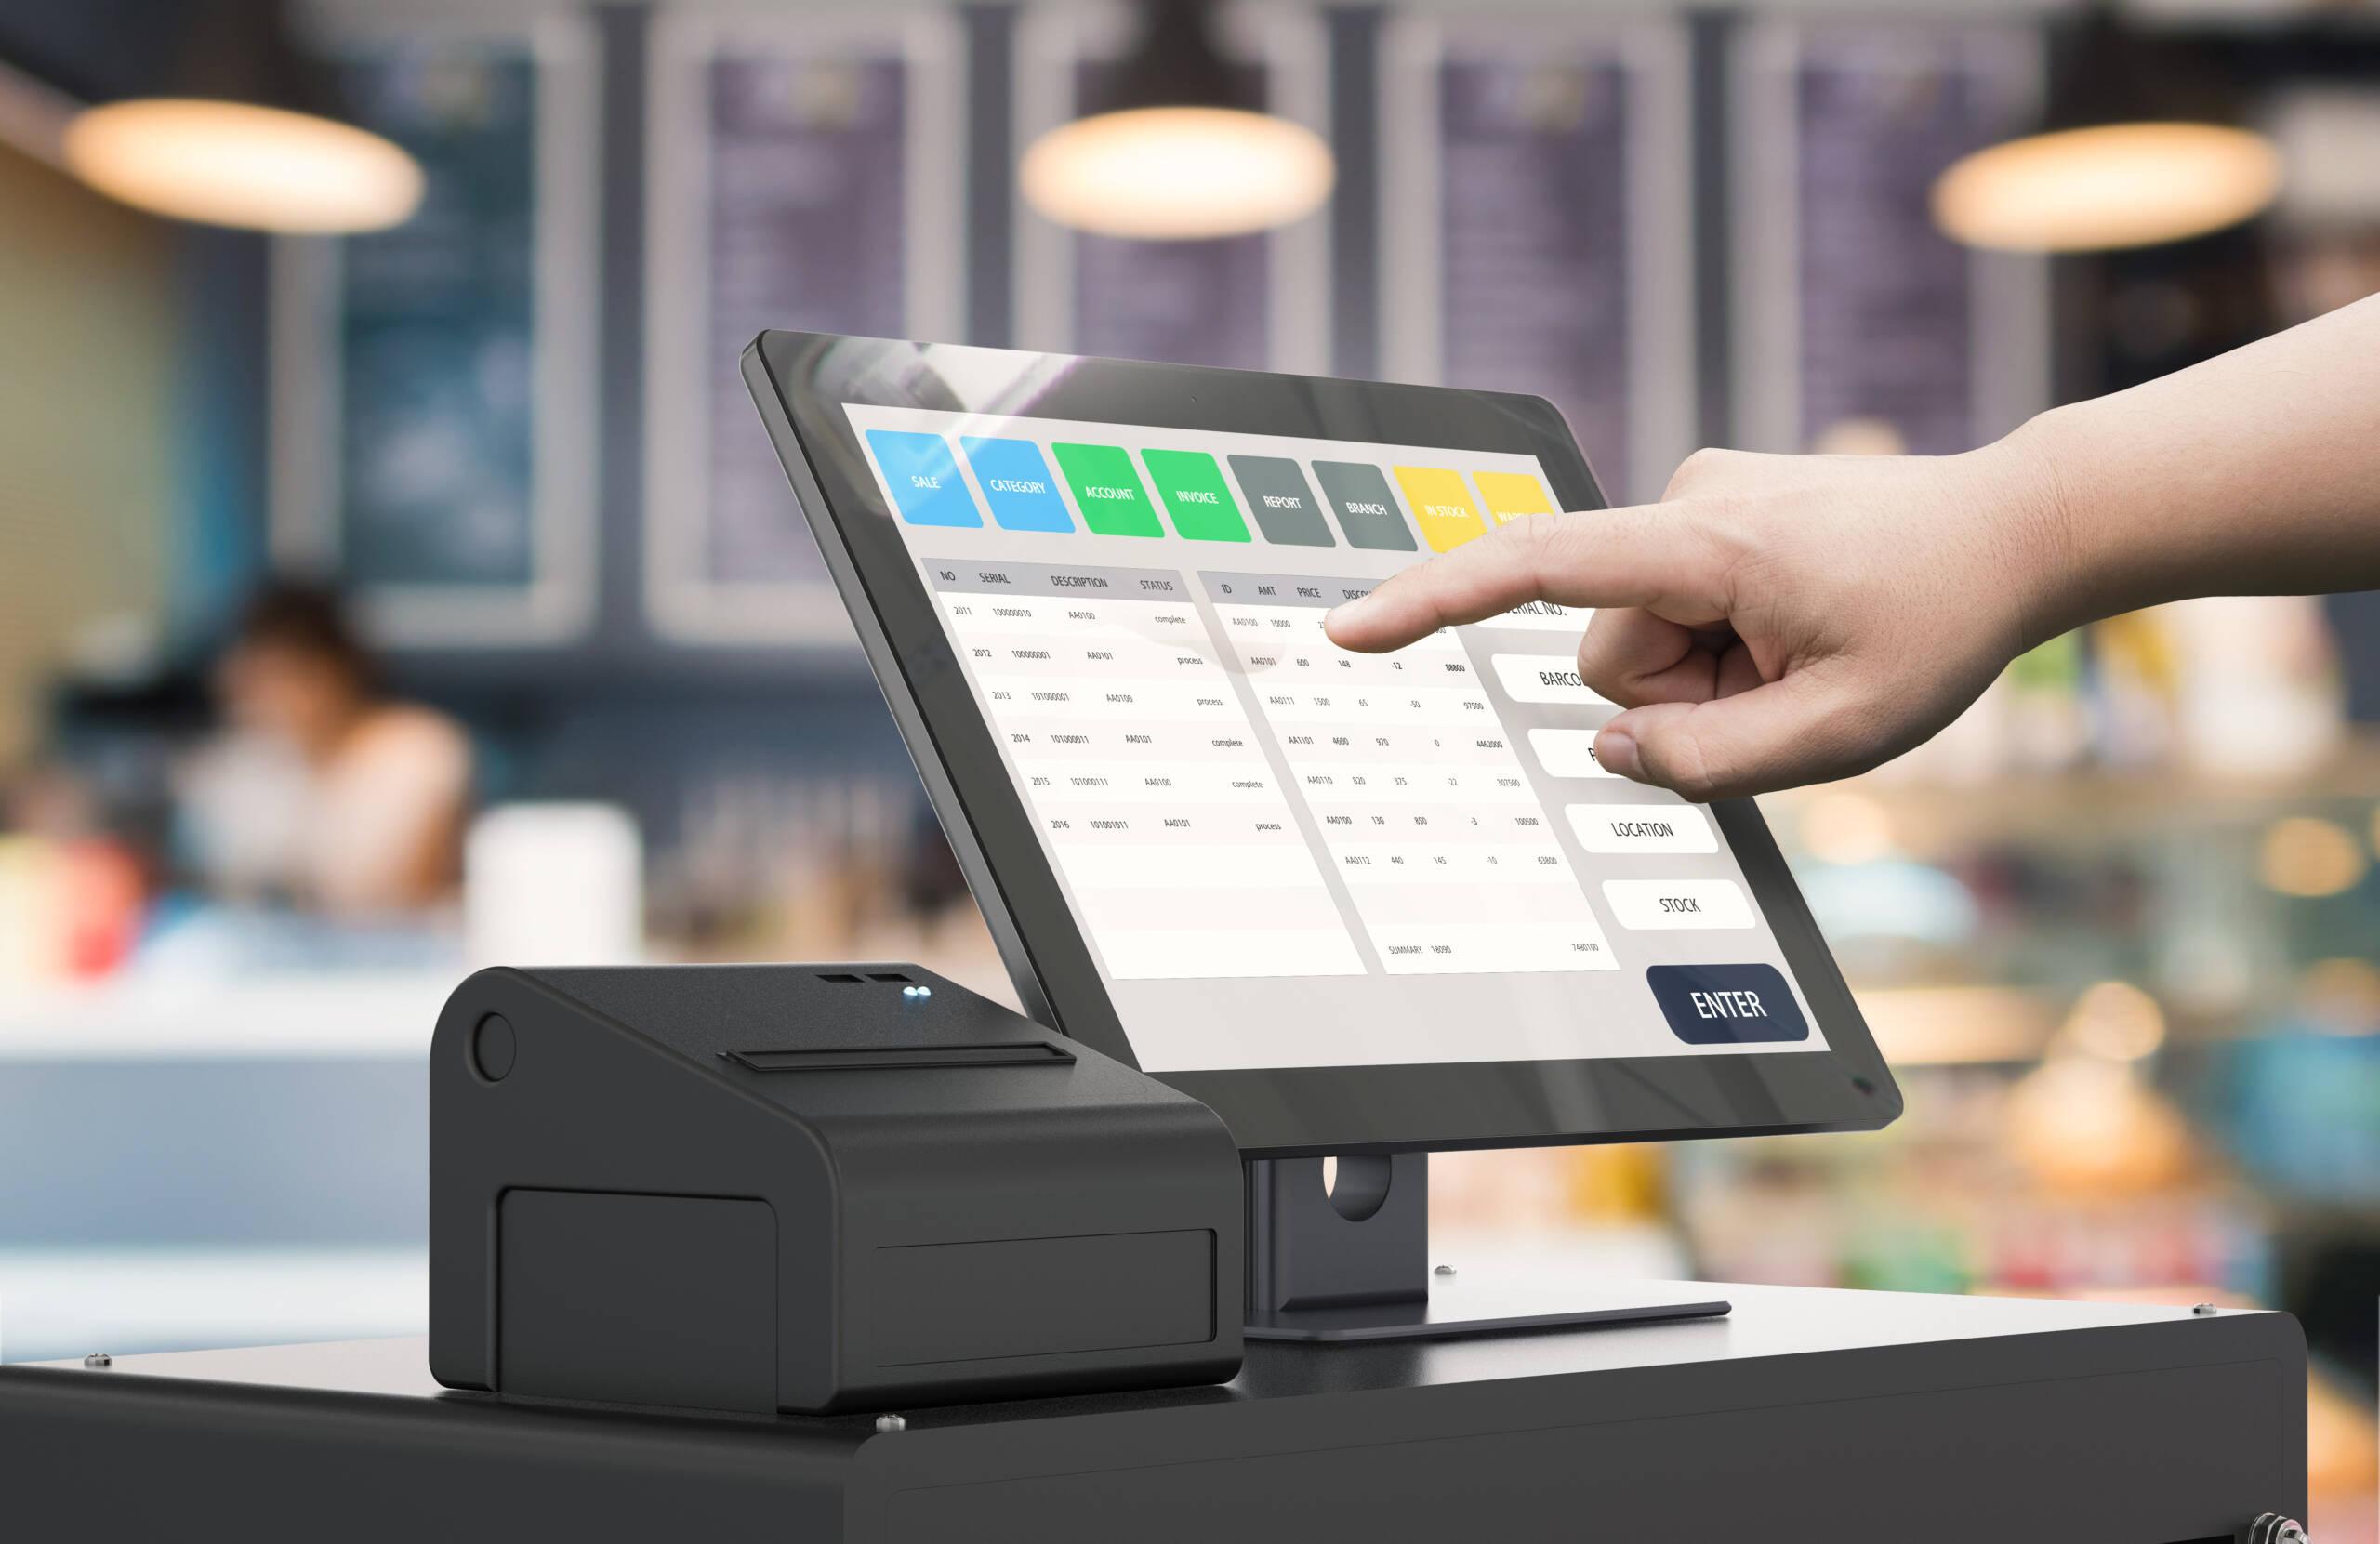 Kassenbeleg, Kassenführung, TSE: Schonfrist für Kassenbesitzer abgelaufen